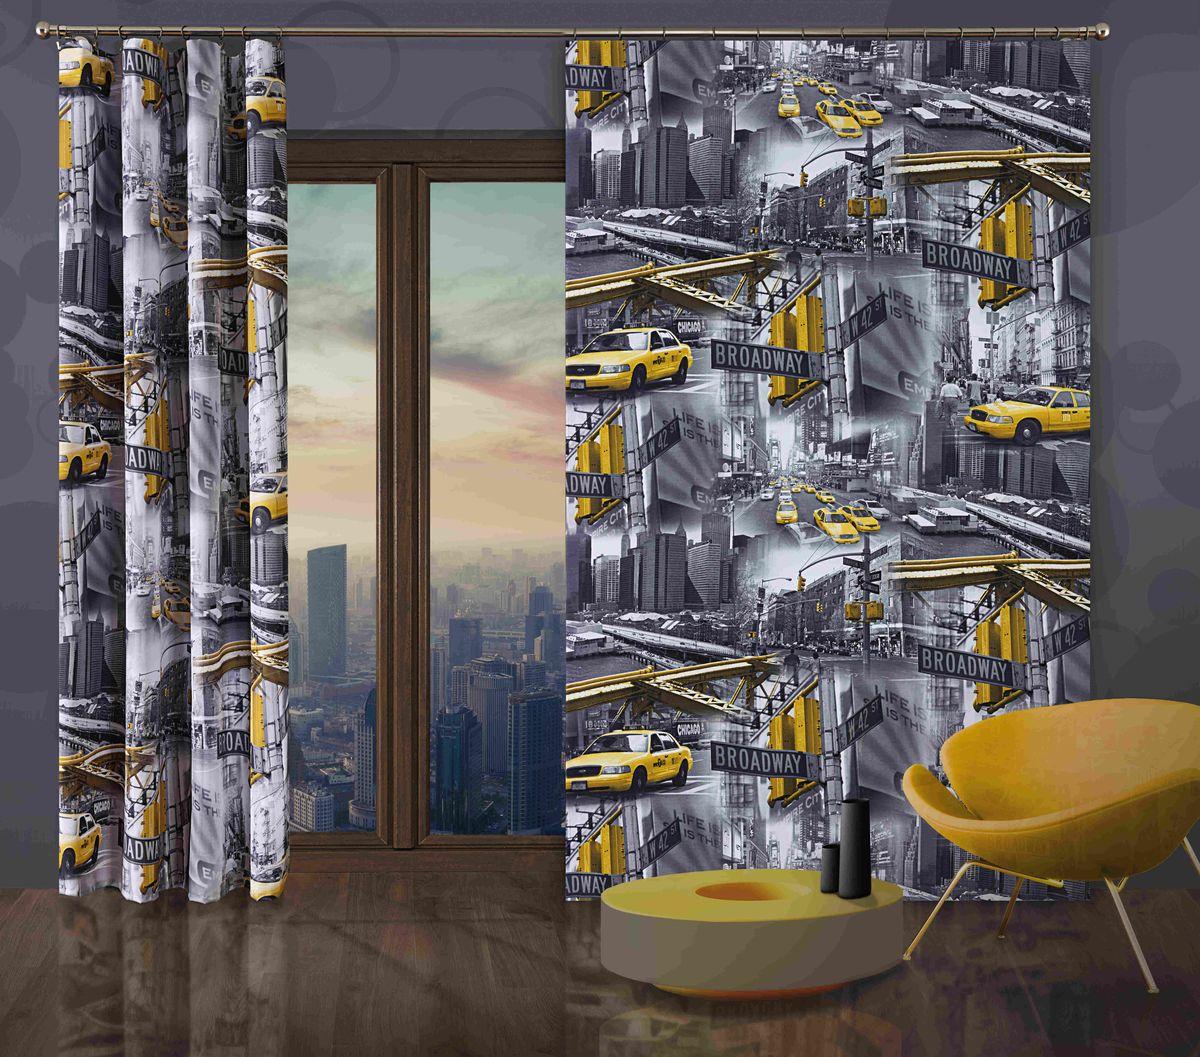 Комплект гардин-панно Wisan Taxi, на ленте, цвет: серый, желтый, высота 250 см269WКомплект гардин-панно Wisan Taxi, изготовленный из полиэстера, станет великолепным украшением любого окна. В комплект входят 2 плотные гардины с изображением мегаполиса. Качественный материал, оригинальный дизайн и приятная цветовая гамма привлекут к себе внимание и органично впишутся в интерьер. Комплект оснащен шторной лентой для красивой сборки. Размер гардин-панно: 150 см х 250 см. Фирма Wisan на польском рынке существует уже более пятидесяти лет и является одной из лучших польских фабрик по производству штор и тканей. Ассортимент фирмы представлен готовыми комплектами штор для гостиной, детской, кухни, а также текстилем для кухни (скатерти, салфетки, дорожки, кухонные занавески). Модельный ряд отличает оригинальный дизайн, высокое качество. Ассортимент продукции постоянно пополняется.